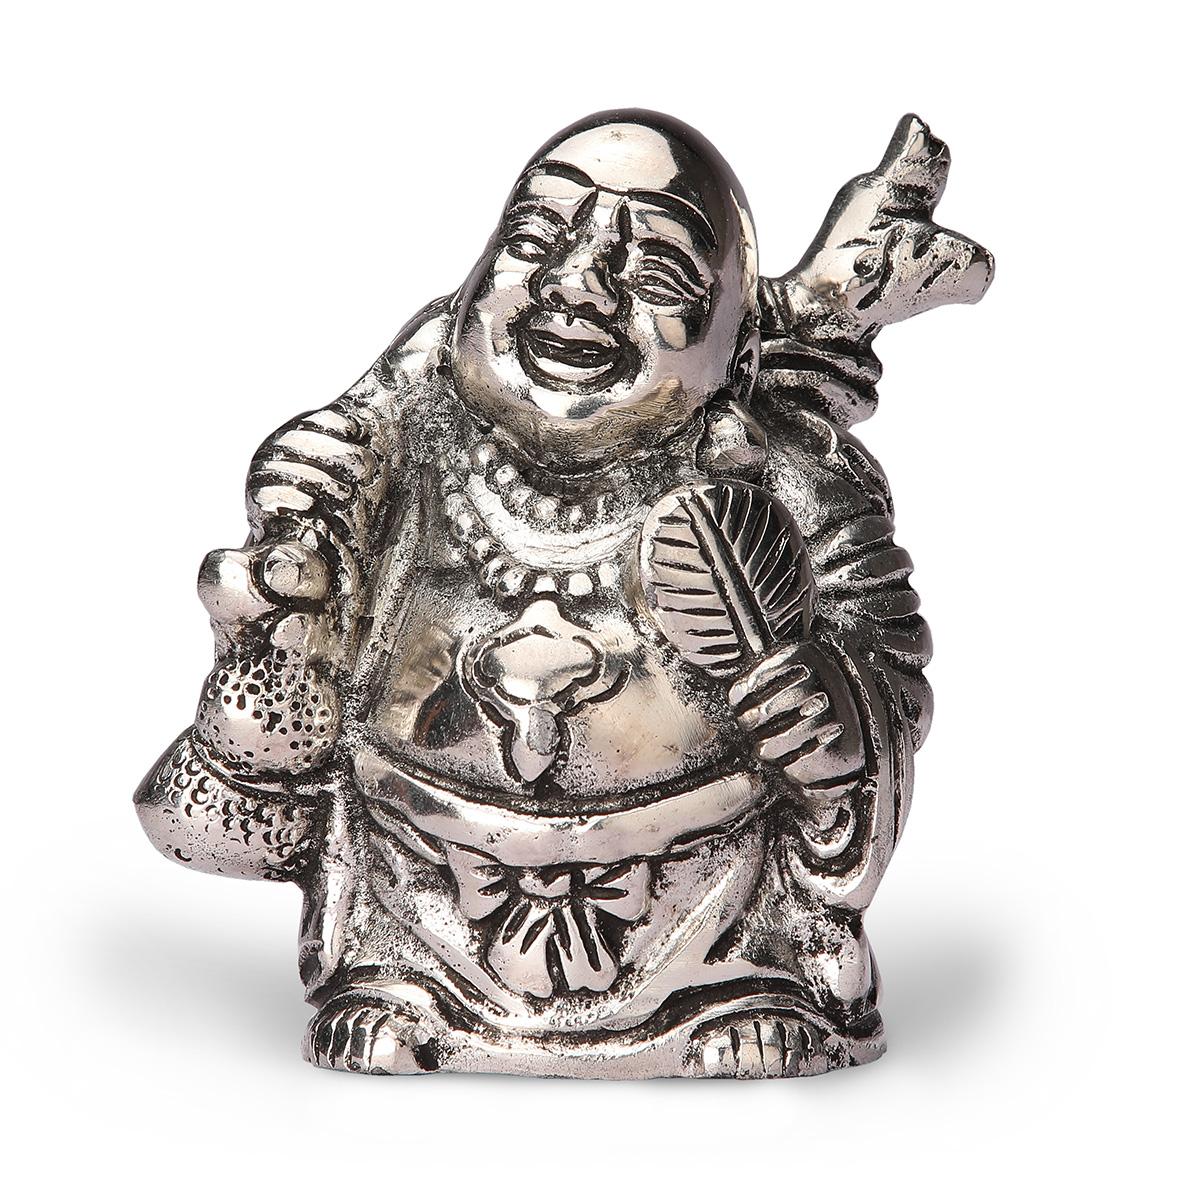 White Metal Laughing Buddah Big